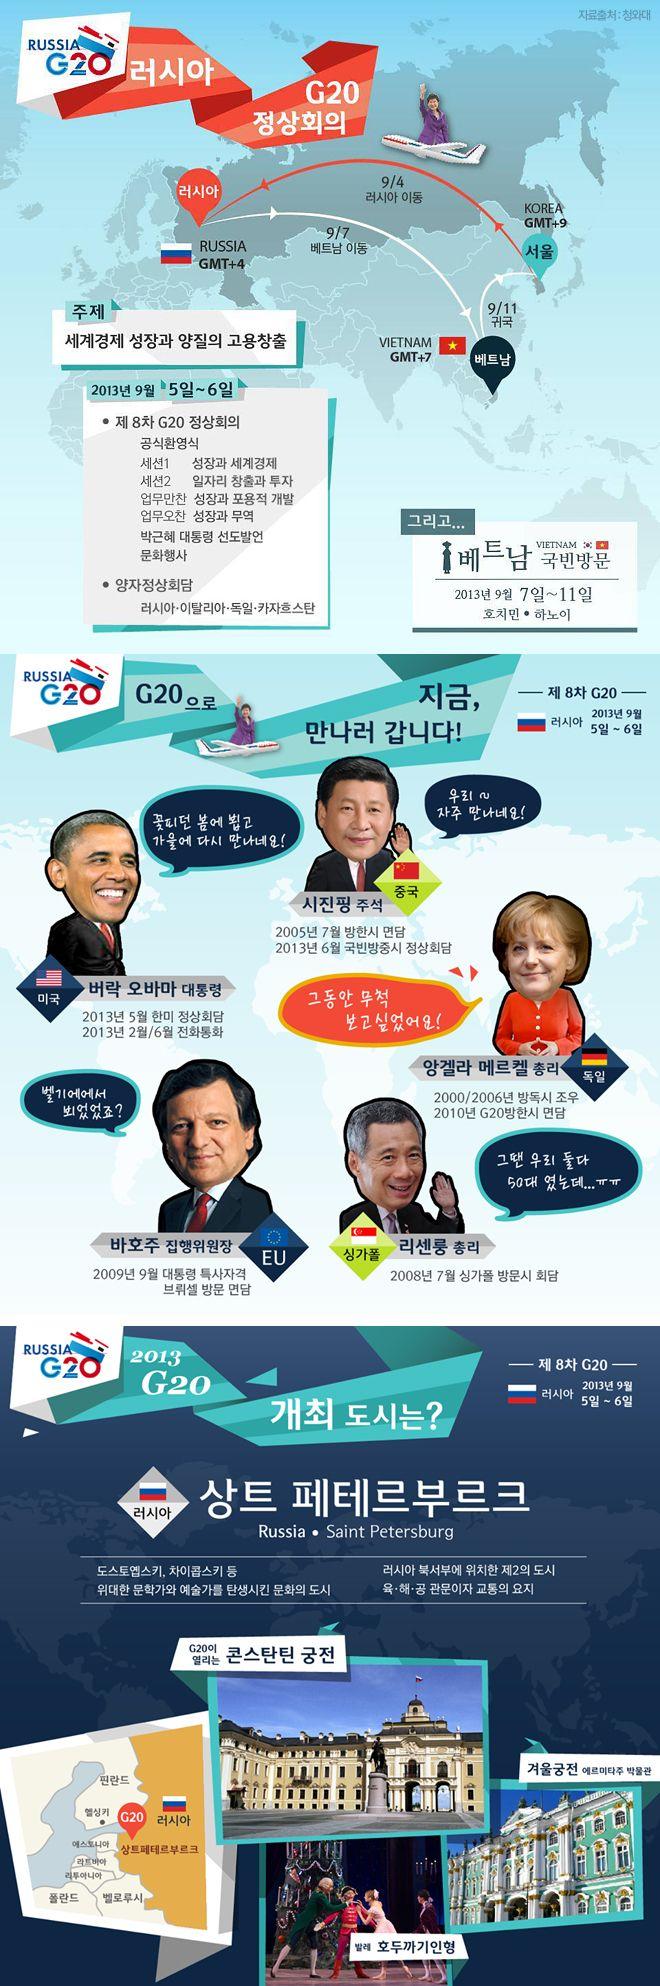 [대한민국 청와대] 2013 G20 러시아 정상회의 / [CHEONG WA DAE, Republic of Korea] 2013  G20 summit held in St. Petersburg, Russia. ※ [사진제공_대한민국 청와대] 본 저작물은 공공저작물 자유이용허락 표준 라이선스 '공공누리'에 따라 이용하실 수 있습니다.